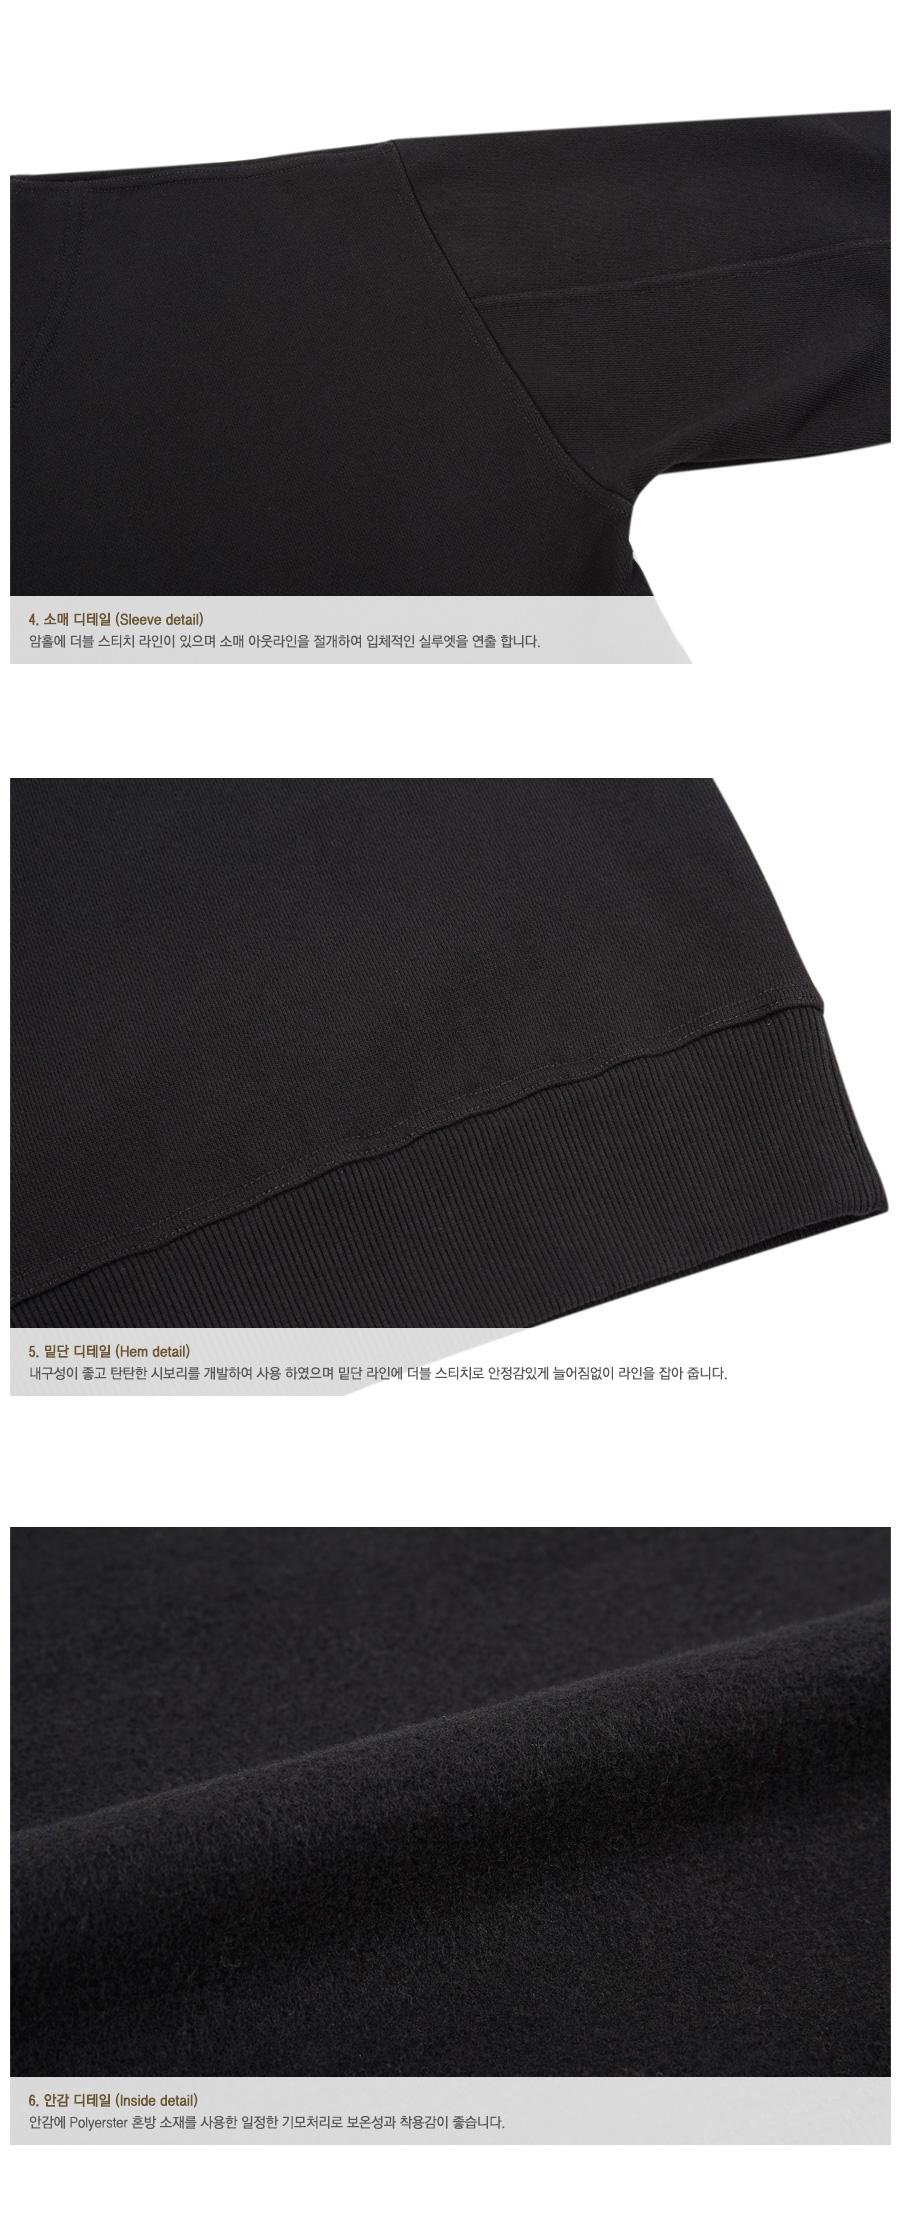 앤더슨벨 유니섹스 시그니쳐 엠블럼 헤비 스웨트셔츠 블랙 (18FW) atb231u